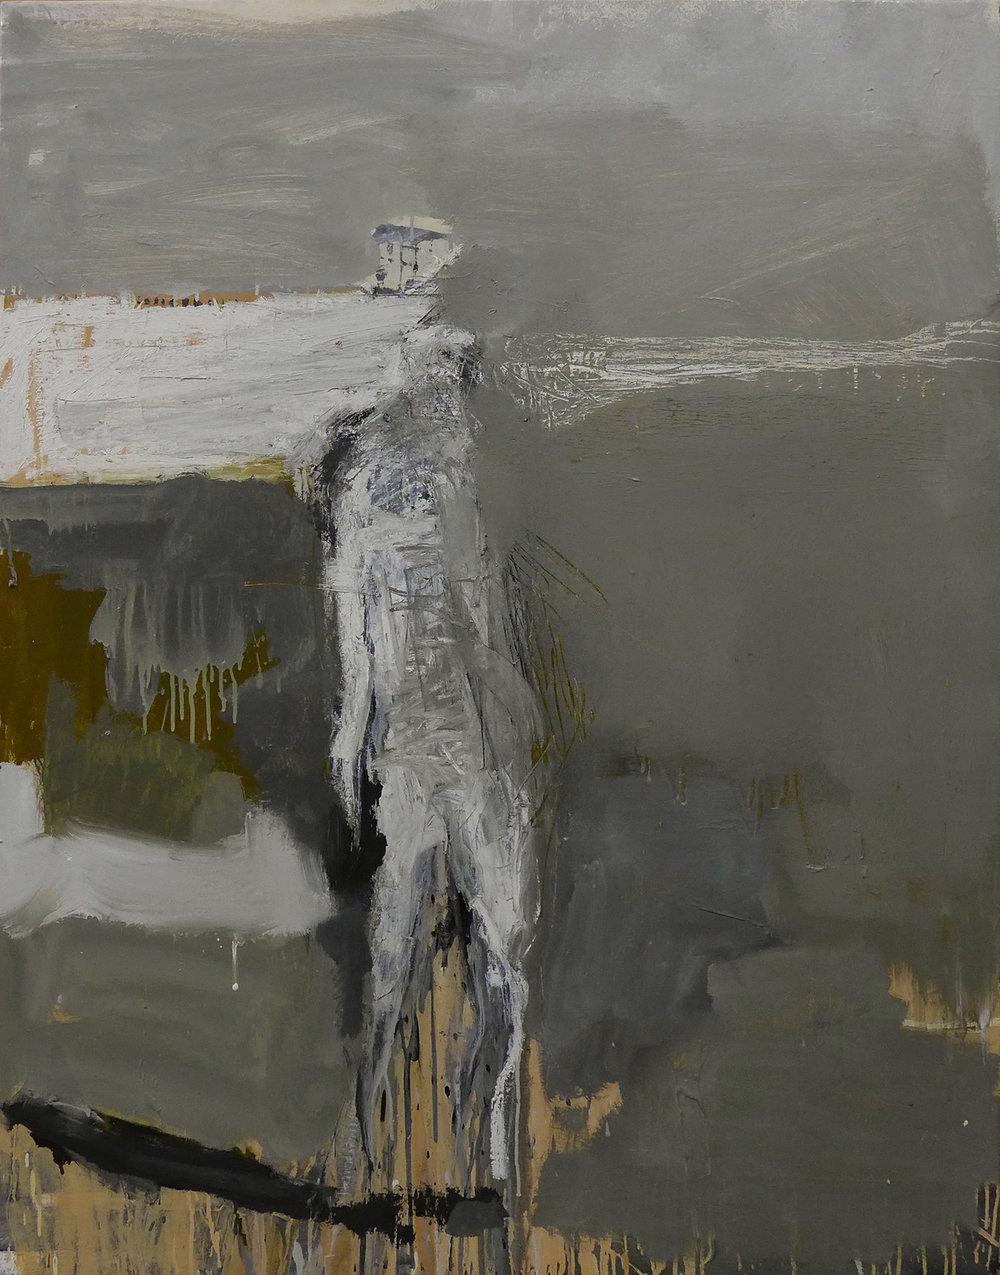 Hombre sin título, 2016  Óleo sobre lienzo 130 x 100 cm